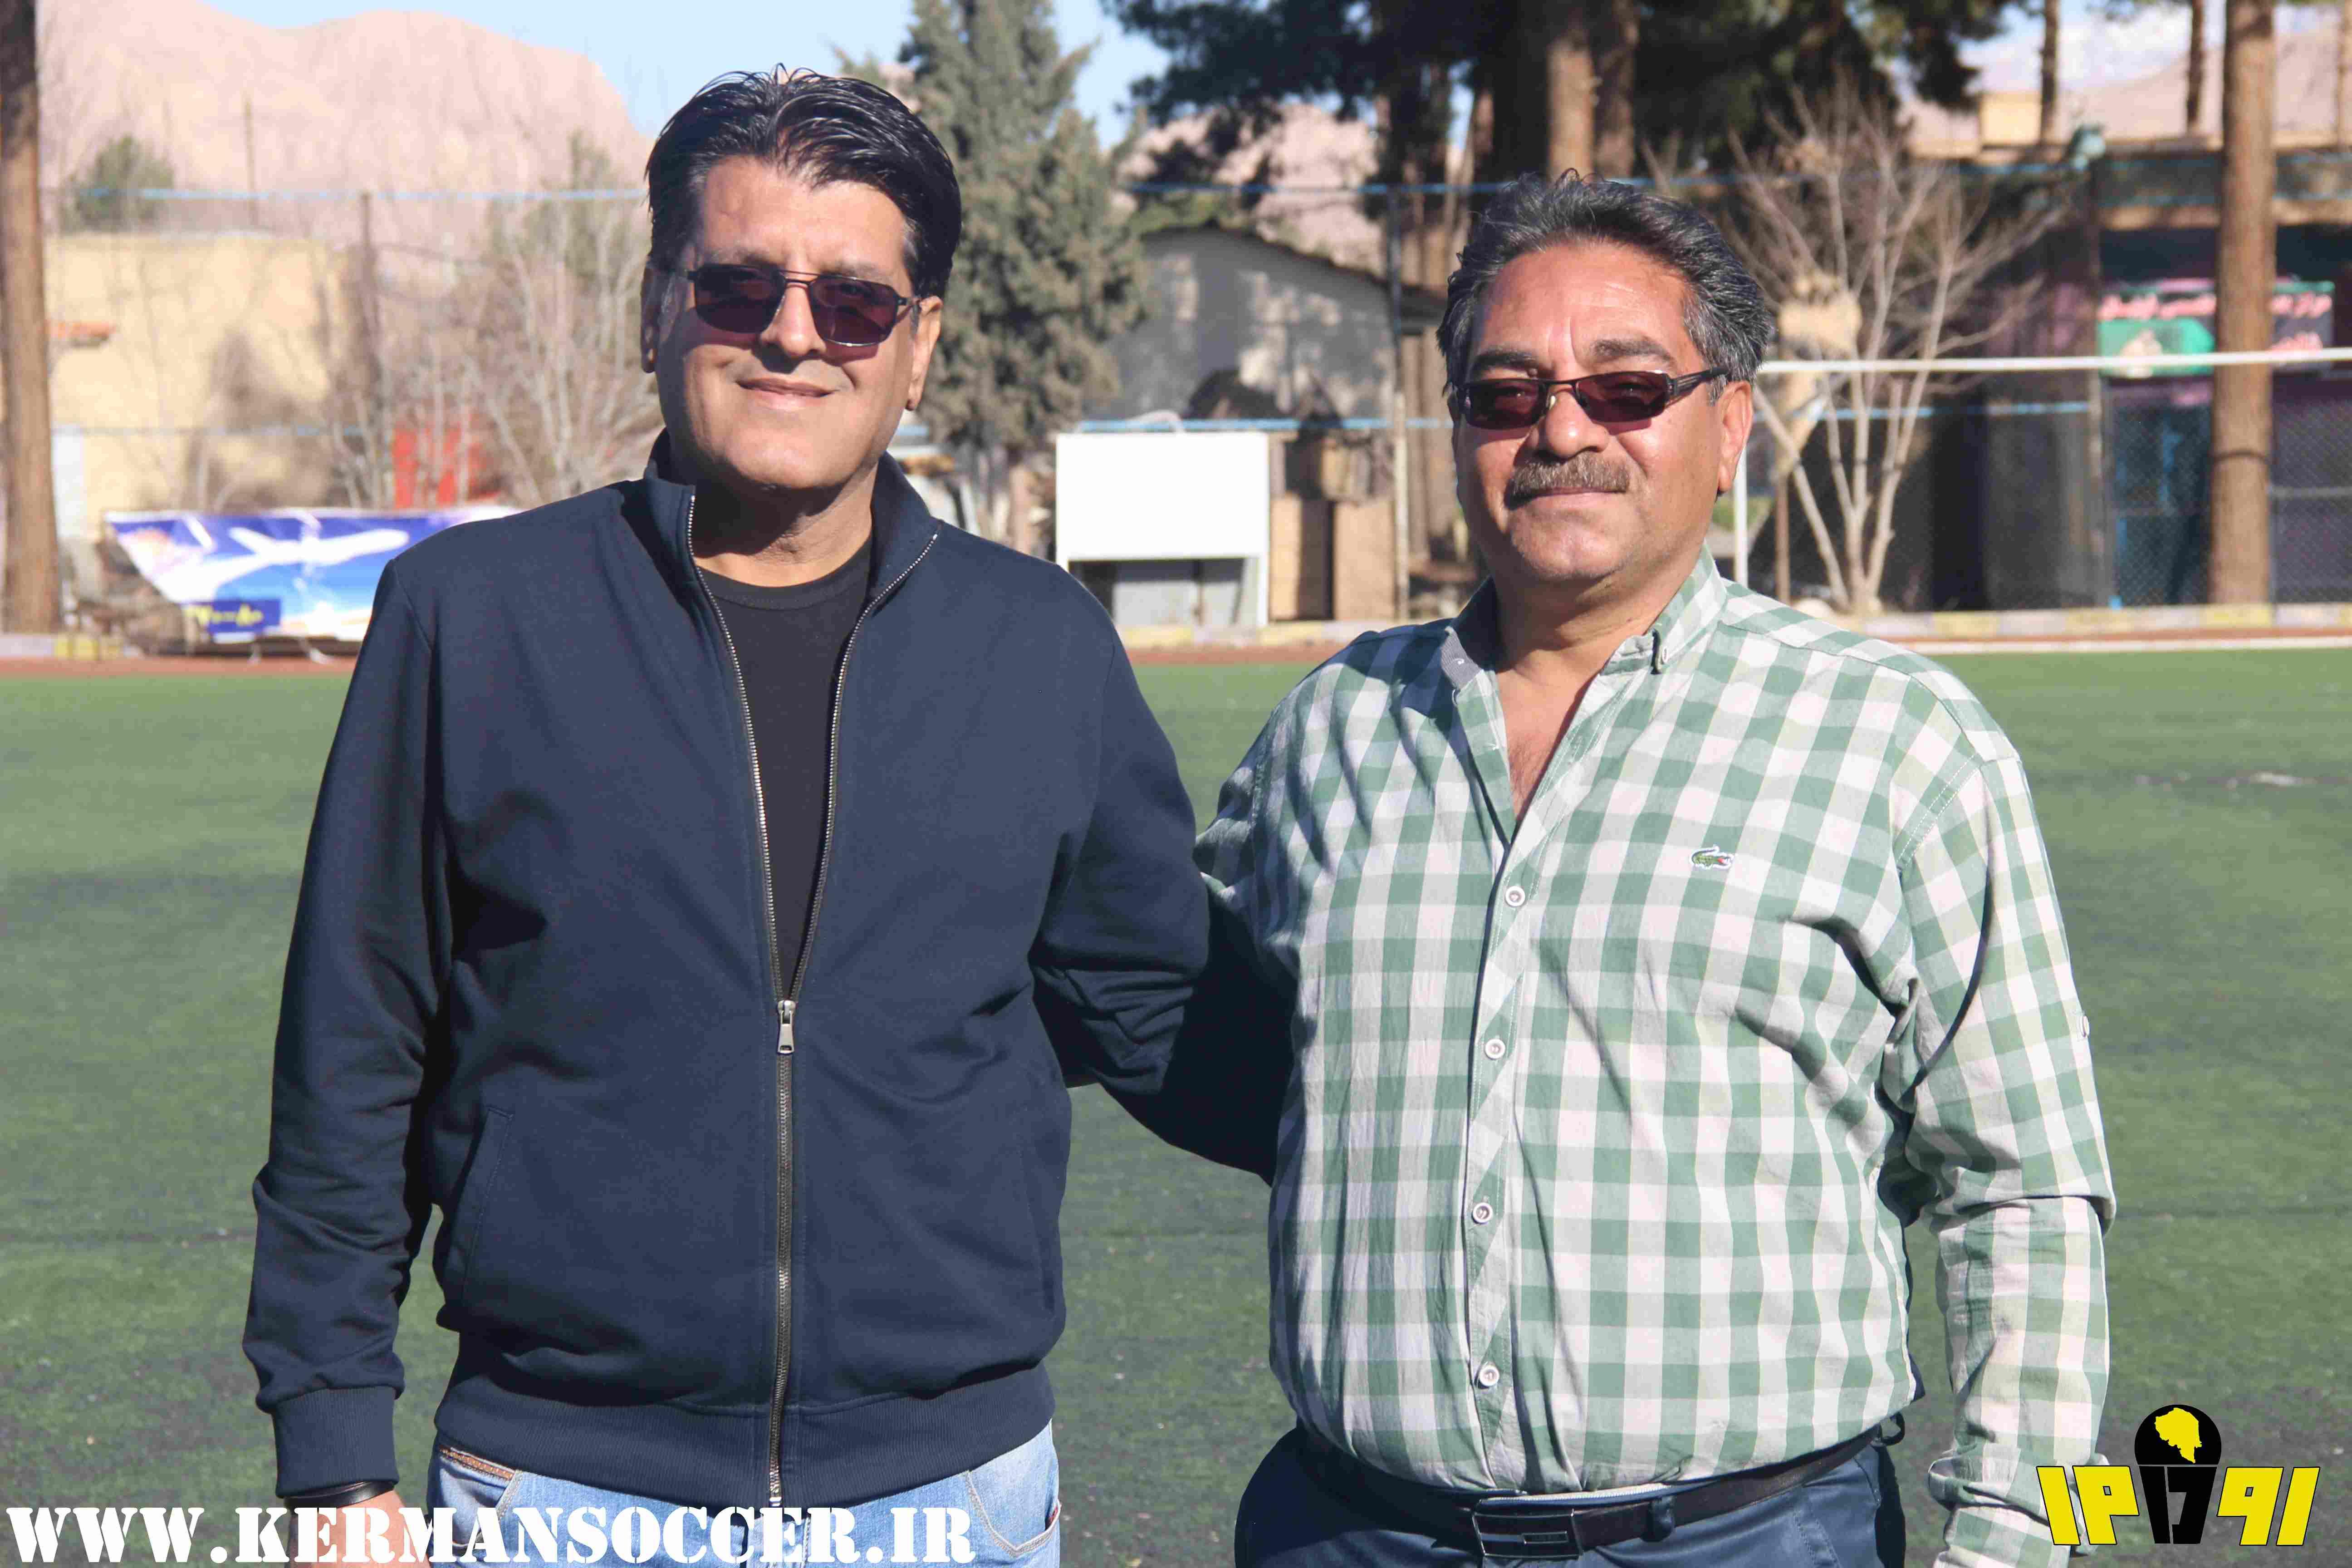 گزارش تصویری: مجله تصویری رو در رو (پیشاهنگ) - گفتگو با مصطفی فرامرزپور پیشکسوت فوتبال باشگاه شهرداری کرمان